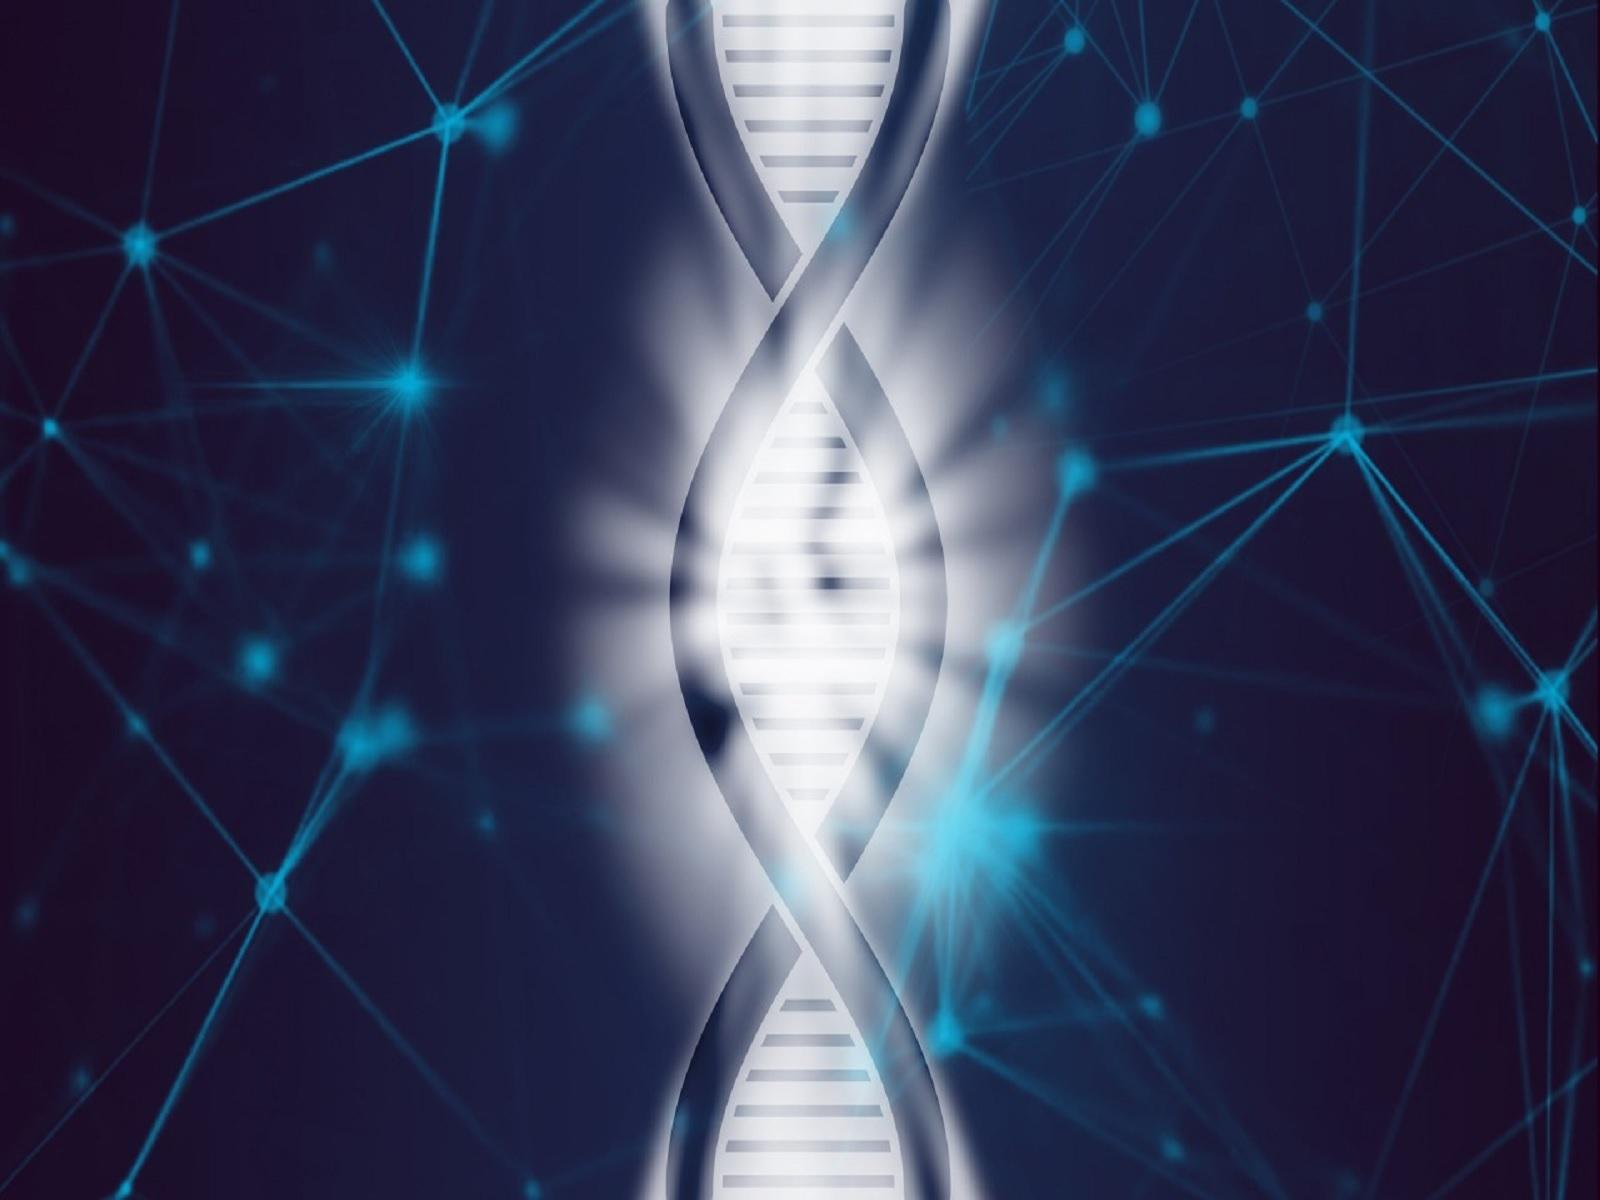 Γενετική παραλλαγή DNA: Πώς προκαλούνται διαφορές στη μαθηματική ικανότητα